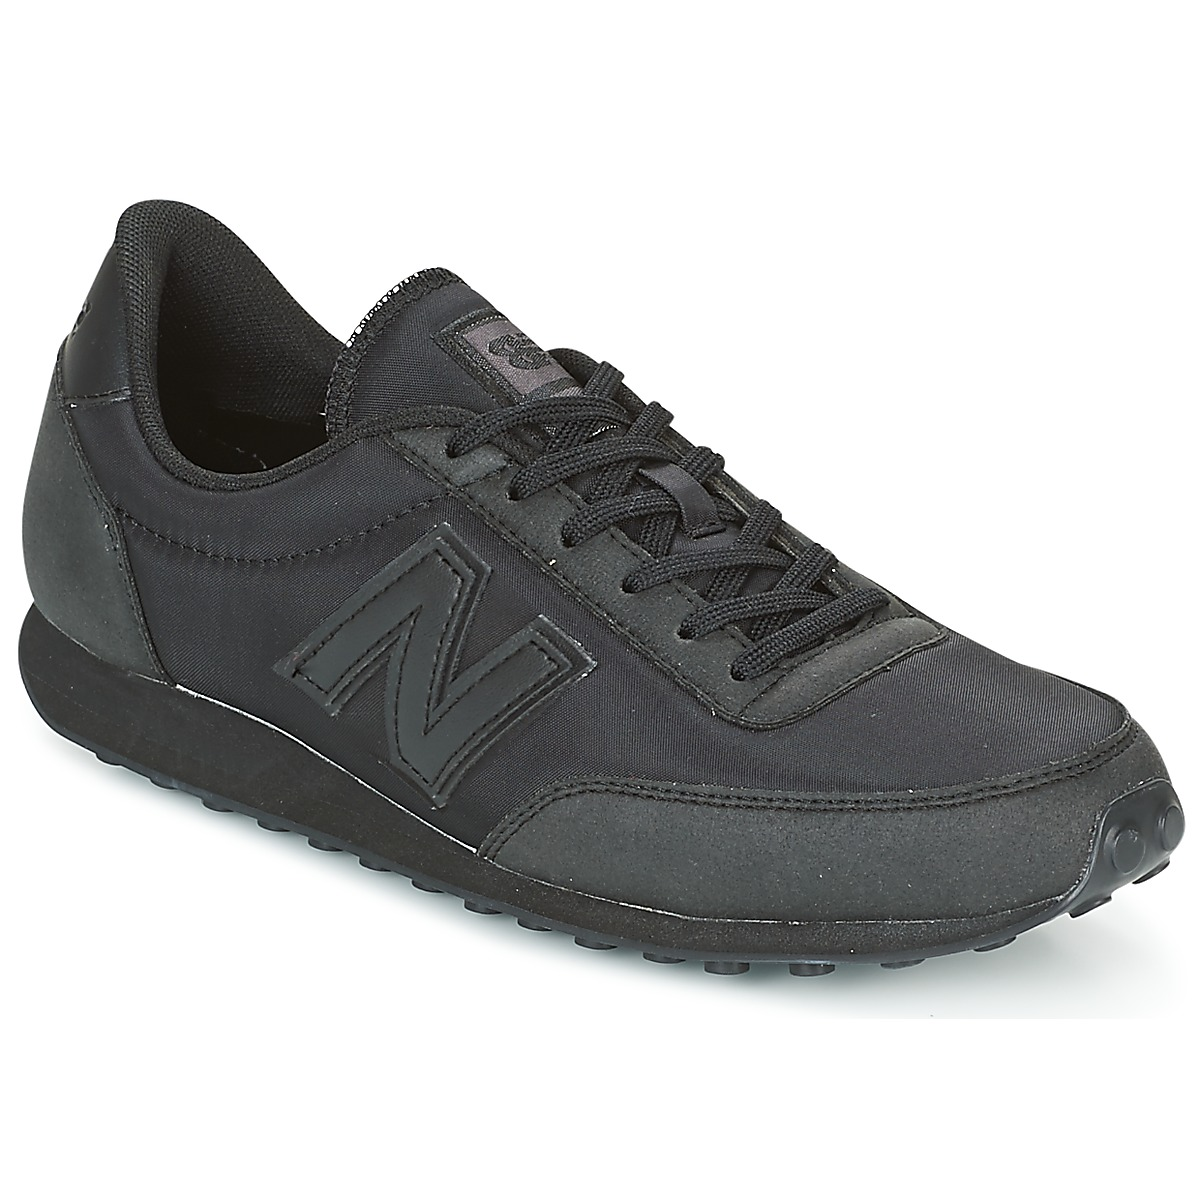 New Balance U410 Schwarz - Kostenloser Versand bei Spartoode ! - Schuhe Sneaker Low  63,99 €